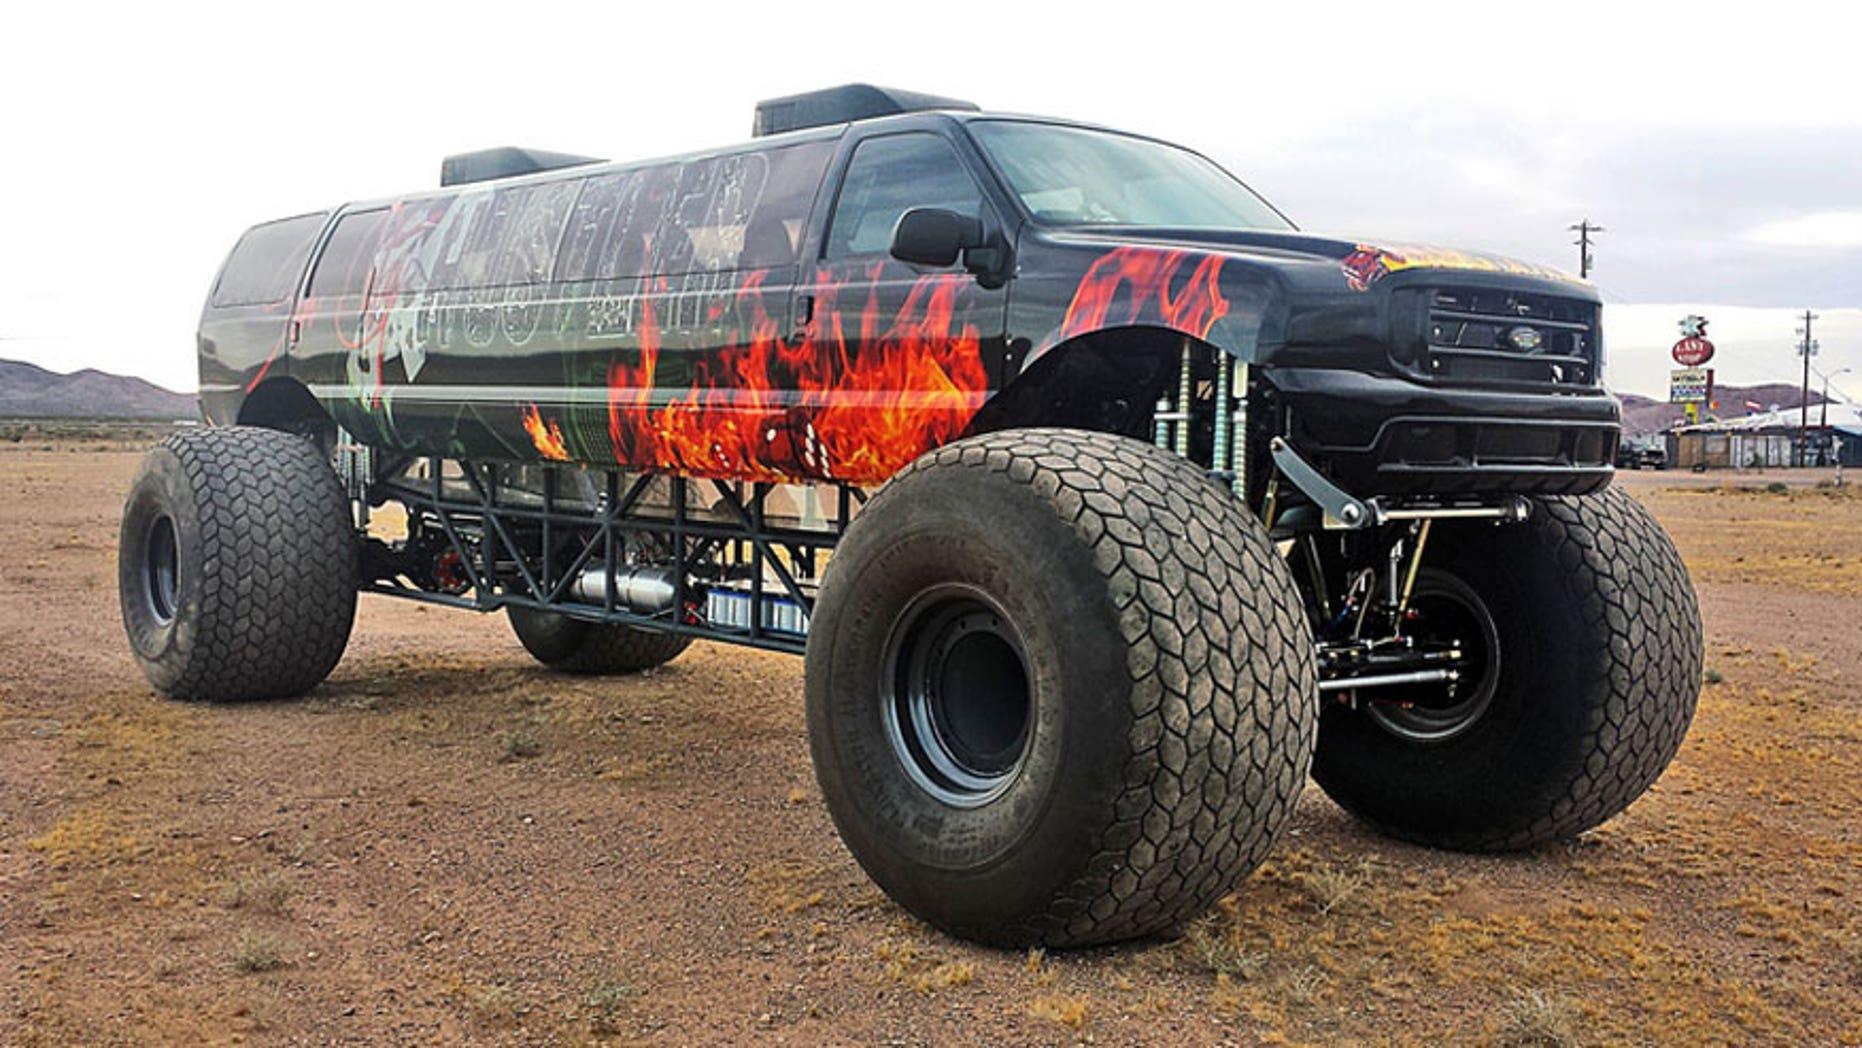 12 Passenger Sin City Hustler Monster Truck On Sale For 1 Million